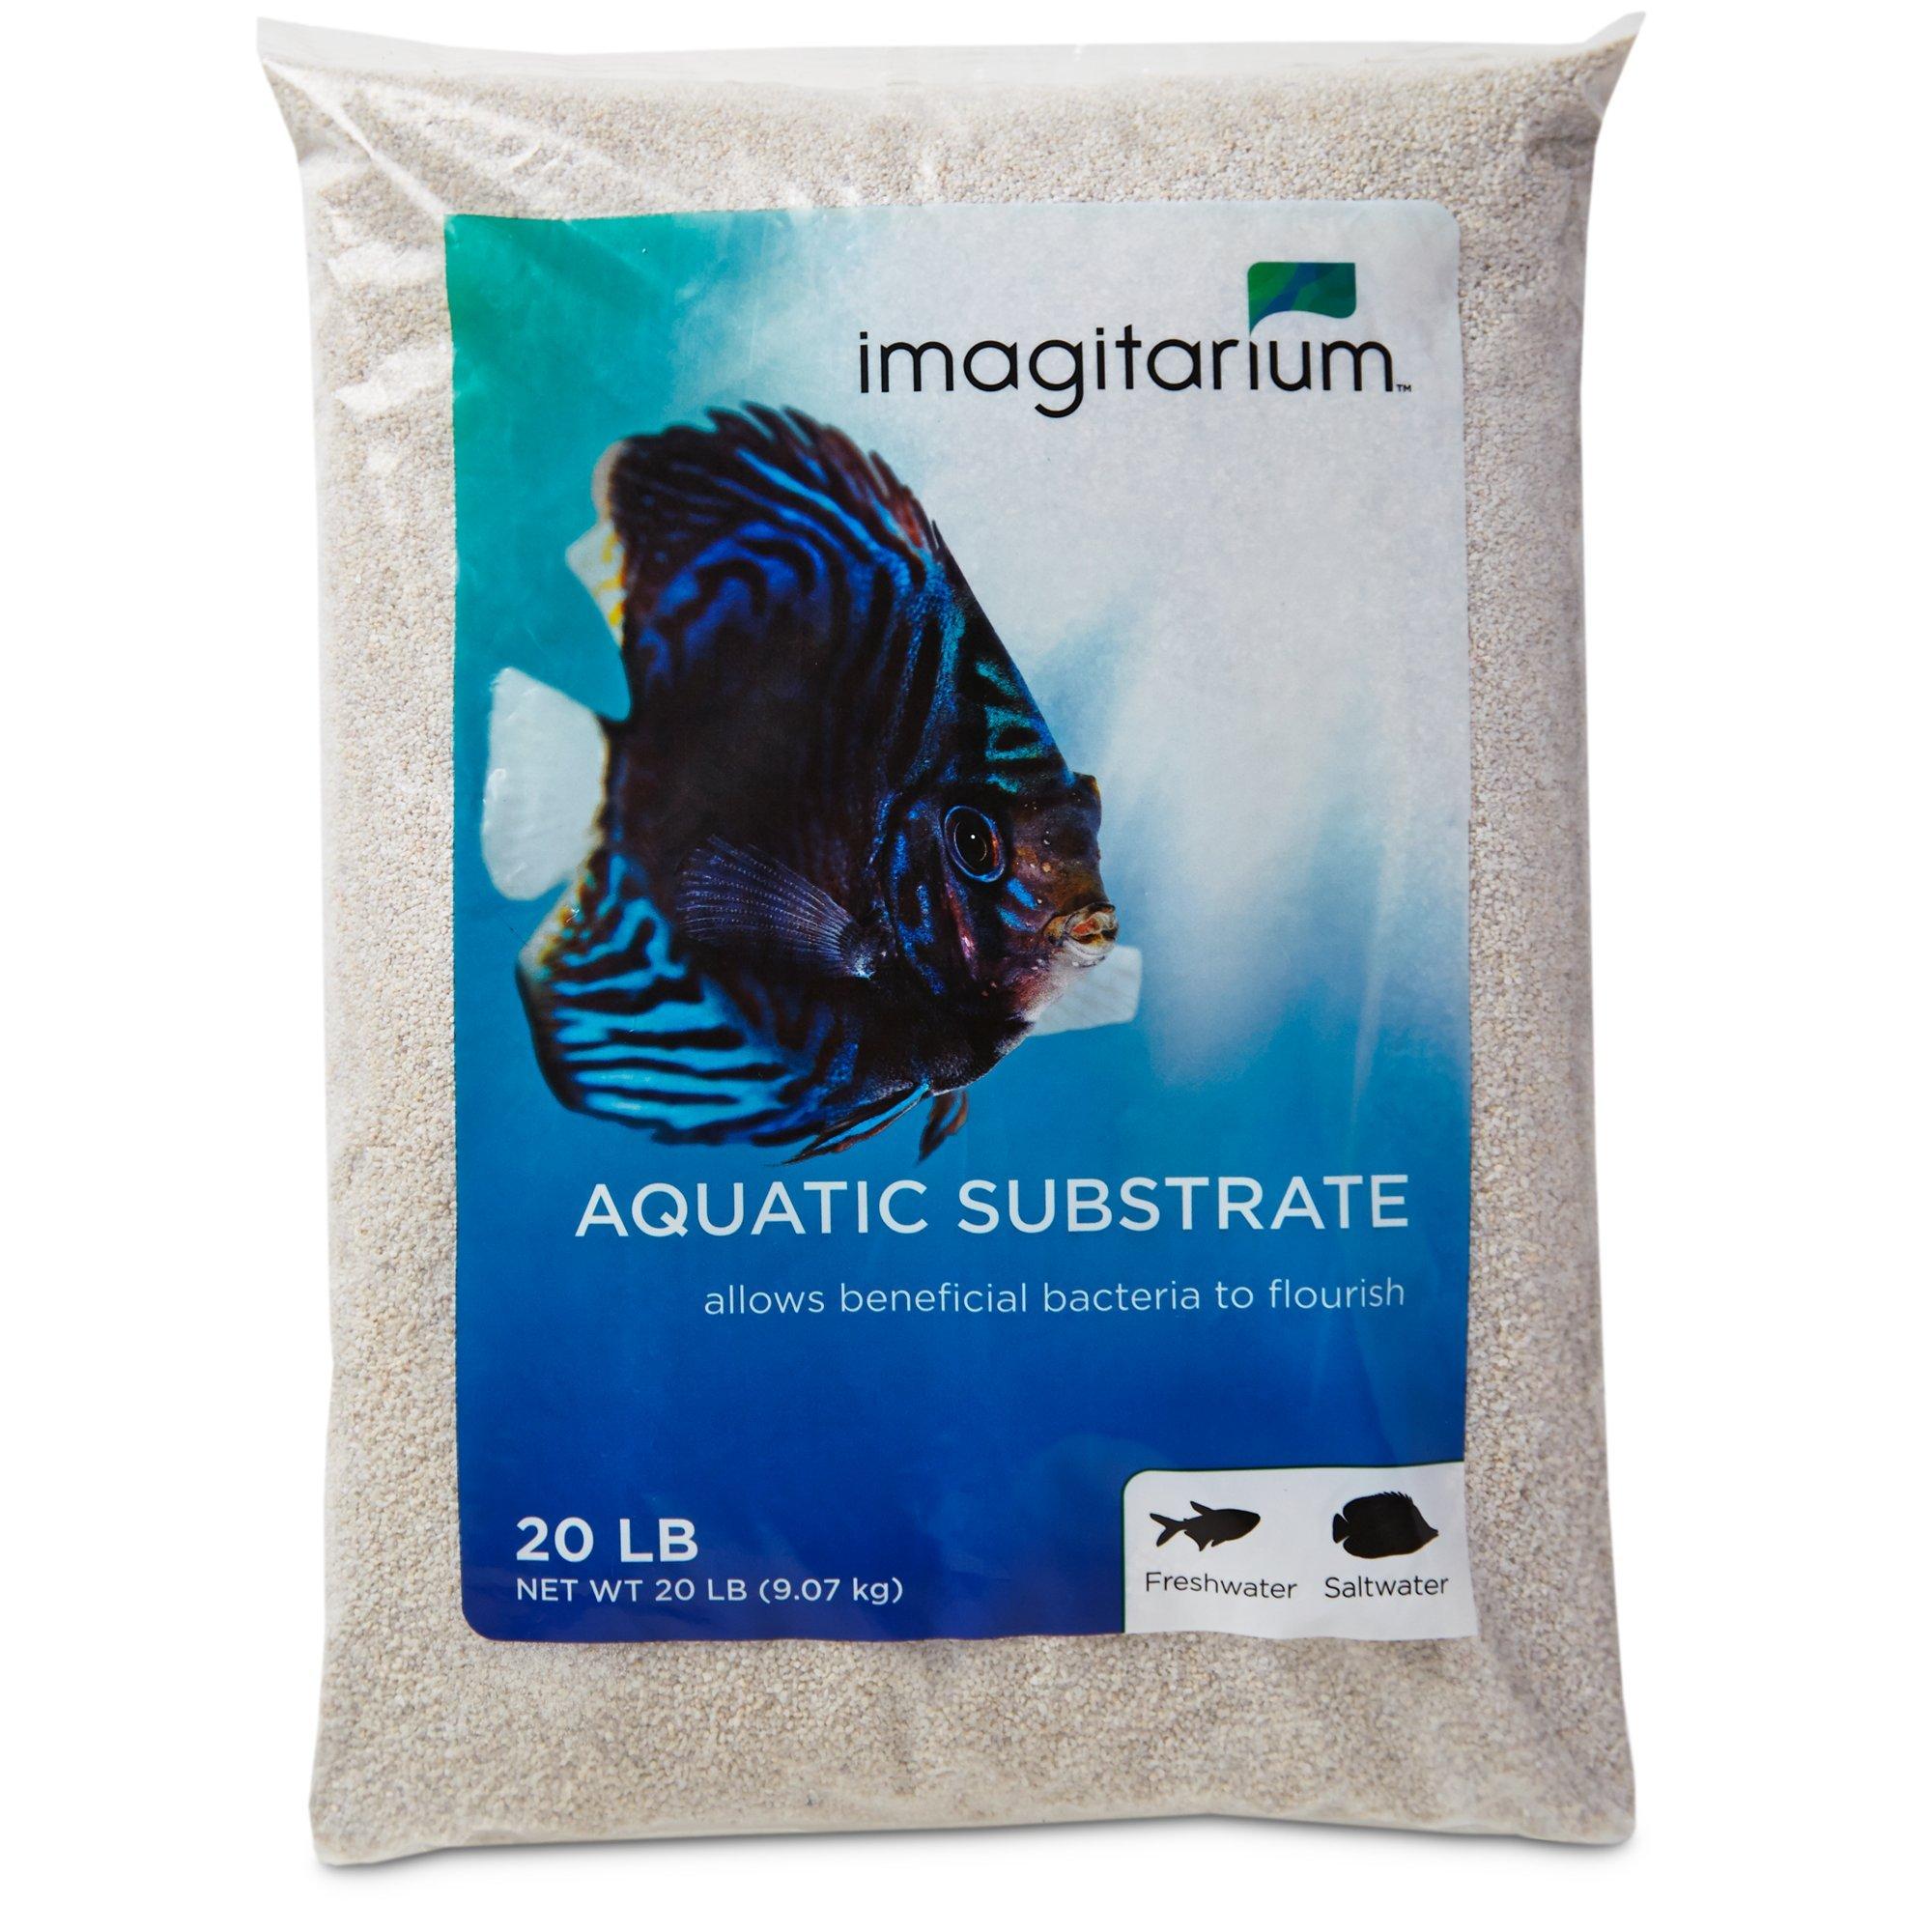 Imagitarium White Aquarium Sand, 20 LBS by Imagitarium